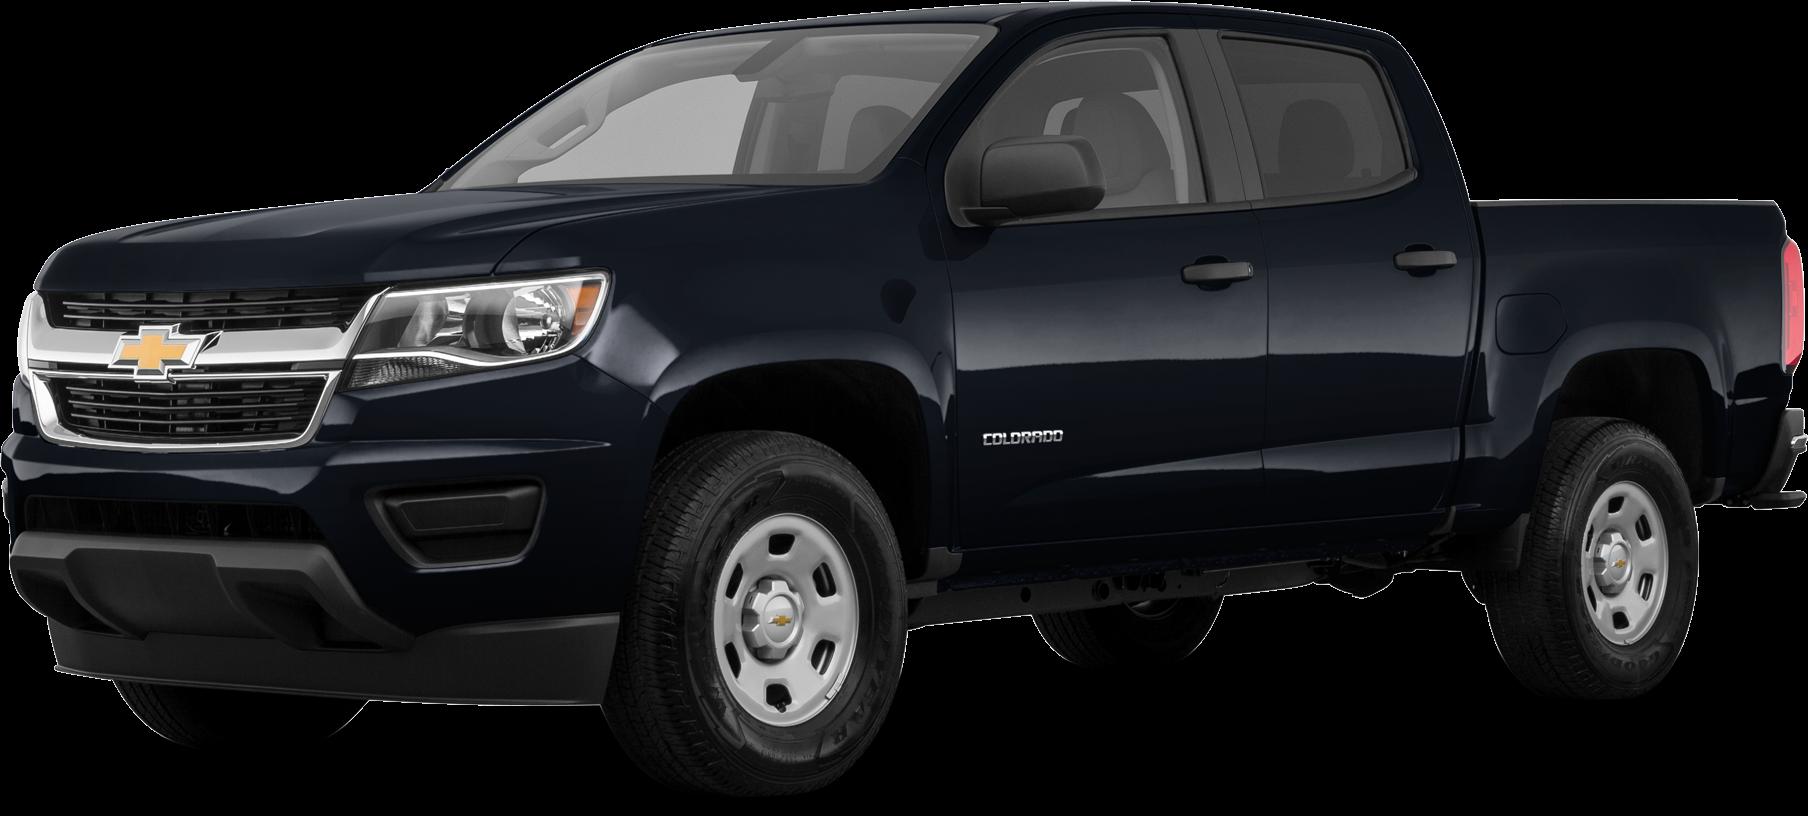 2019 Chevrolet Silverado 1500 Regular Cab Pricing, Reviews